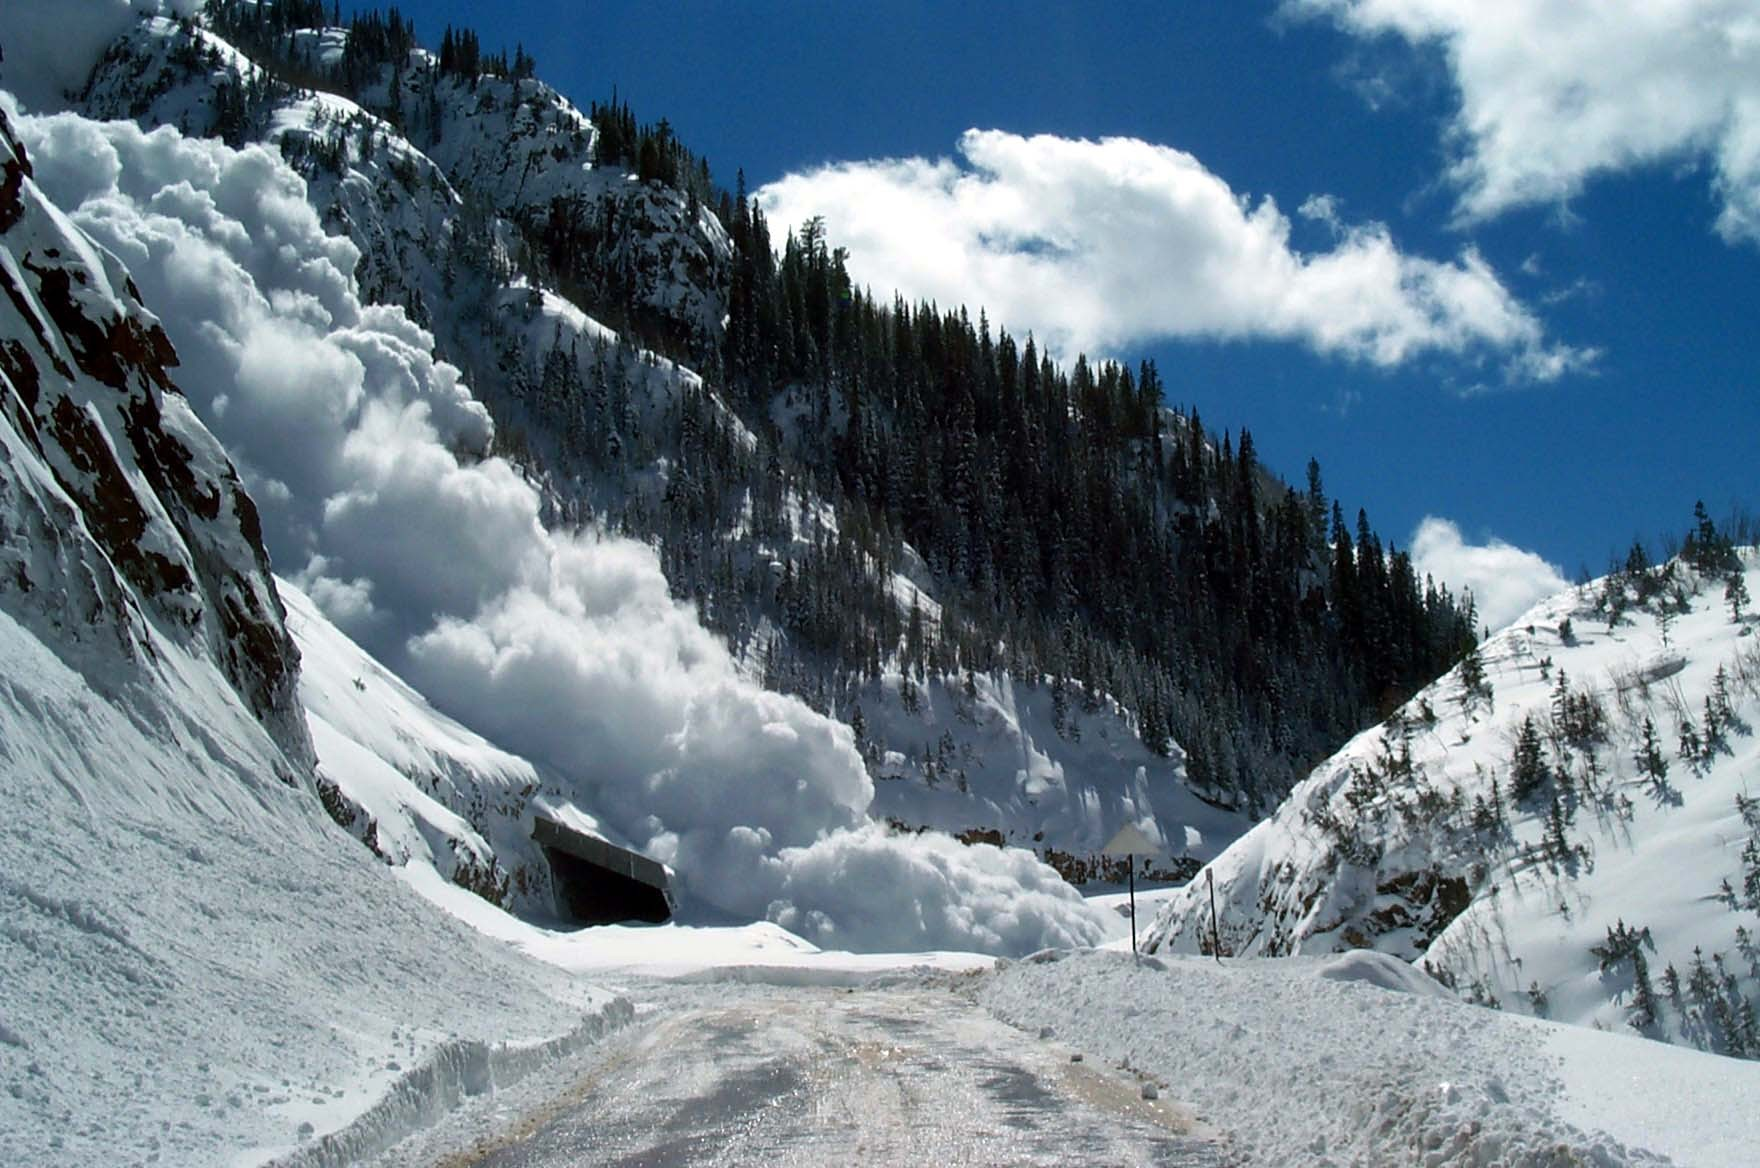 Русские военные помогут горным районам Таджикистана, отрезанным лавинами